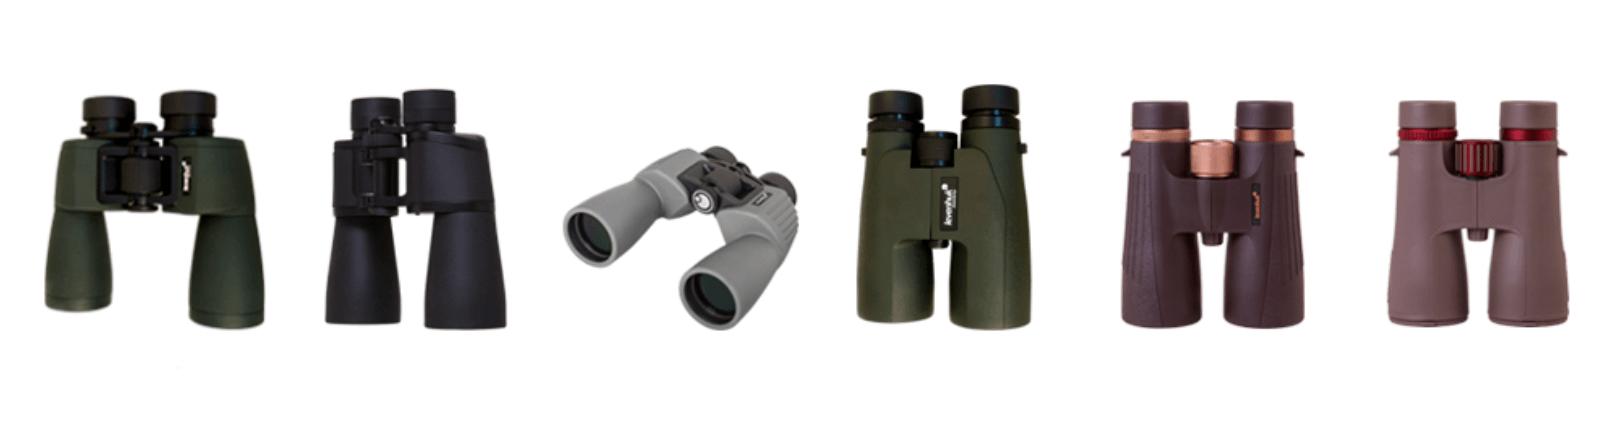 types of levenhuk binoculars